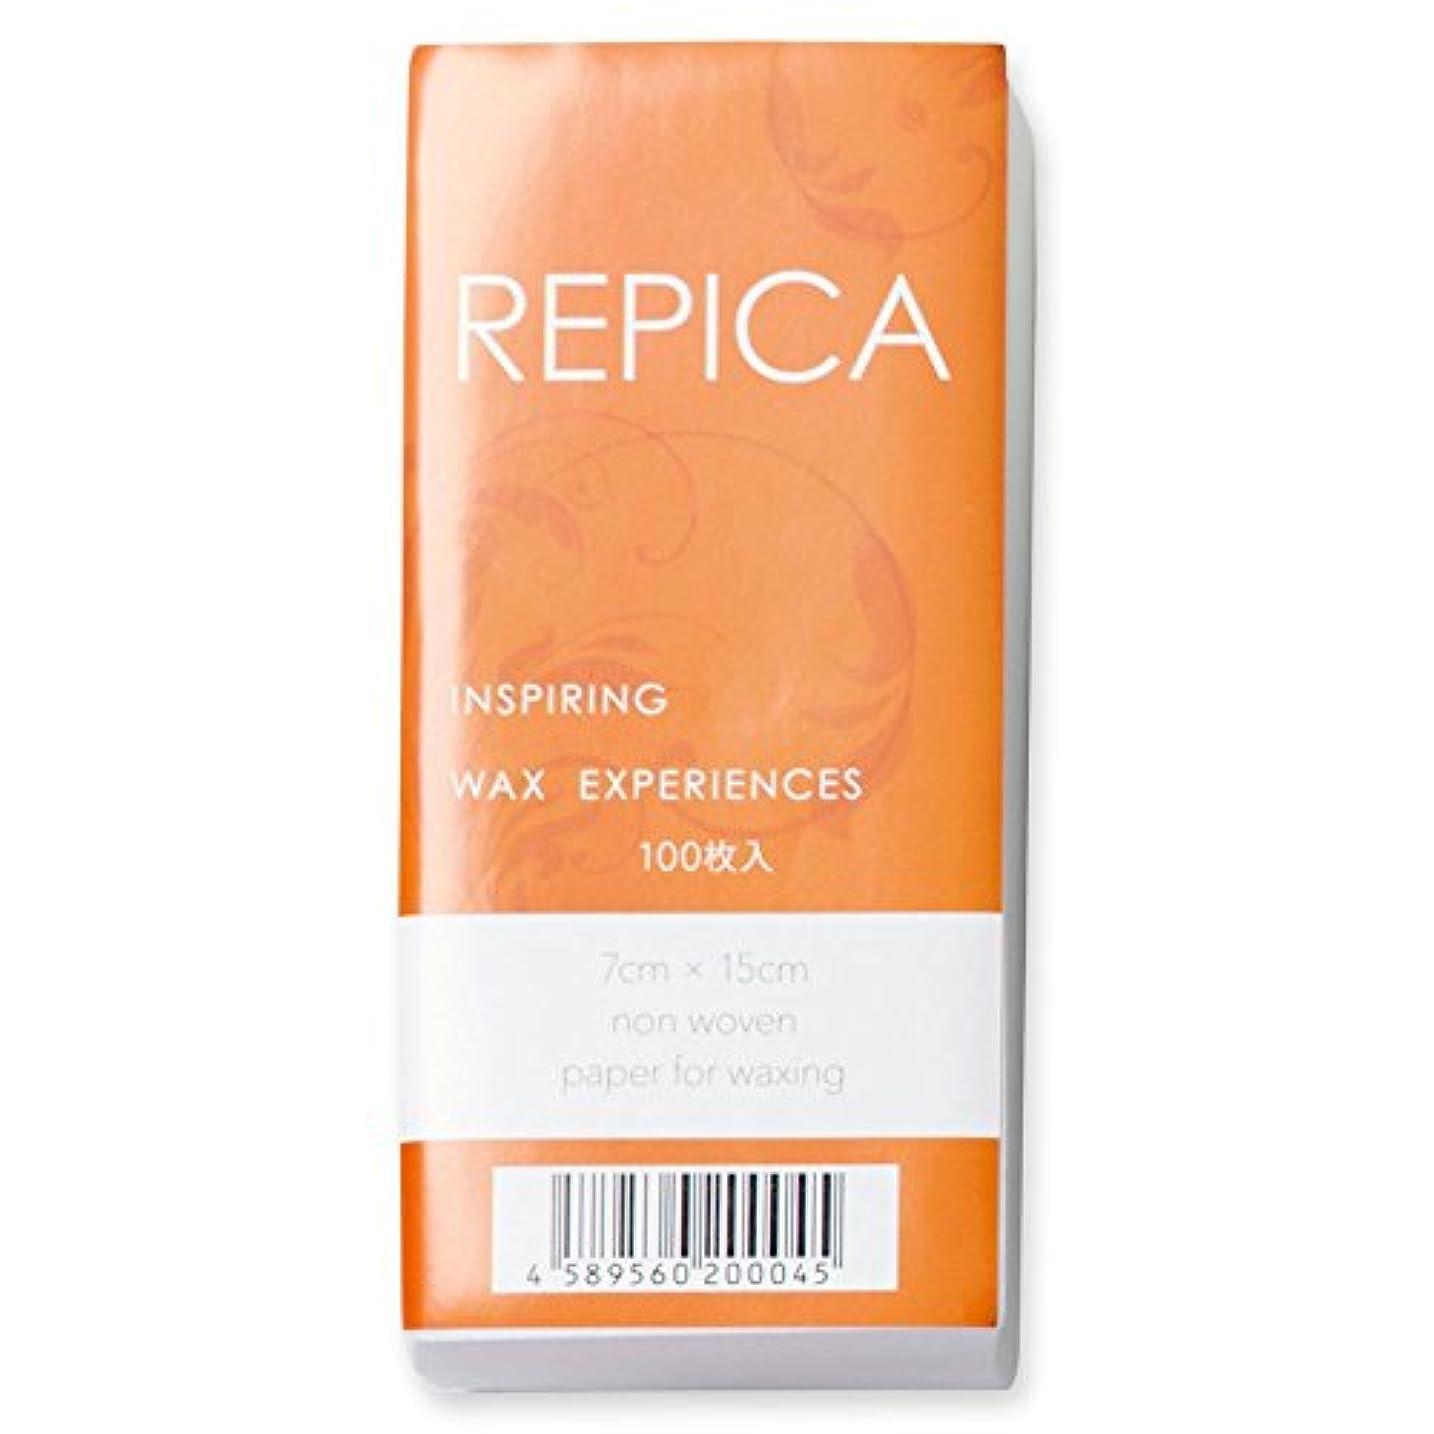 類似性太字結婚したREPICA ブラジリアンワックス脱毛 カットペーパー Mサイズ100枚入り×10個セット ワックス脱毛 ワックスシート ストリップシート